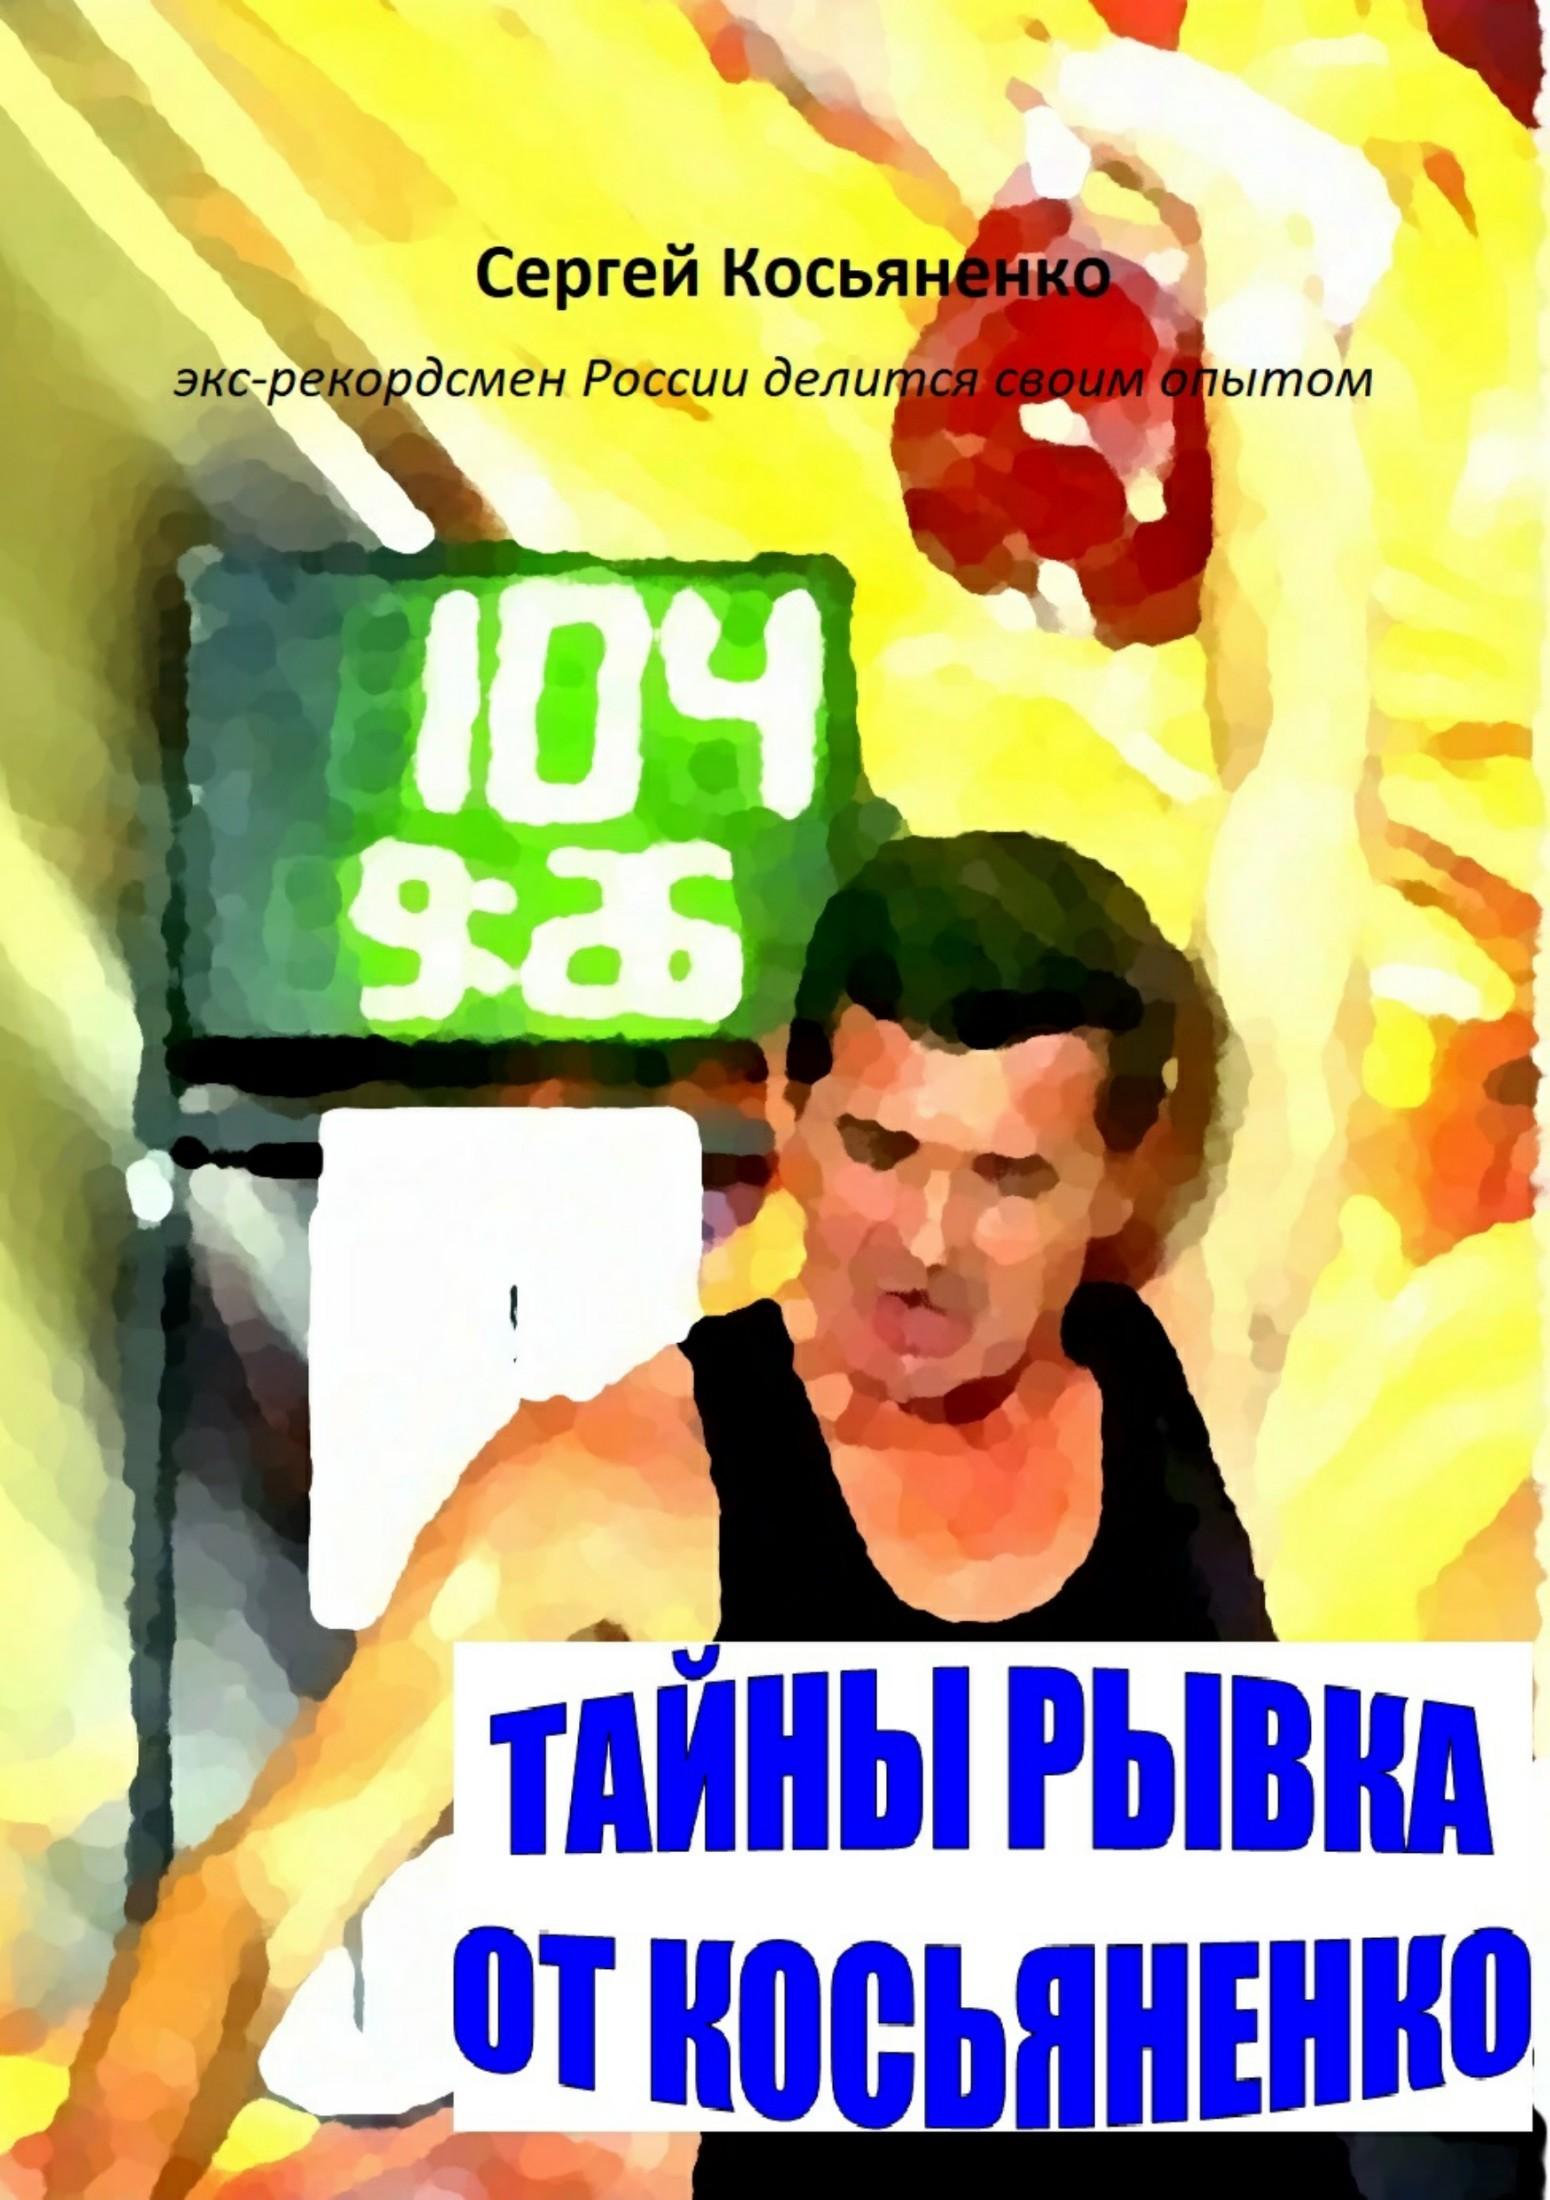 Сергей Косьяненко «Тайны рывка от Косьяненко»